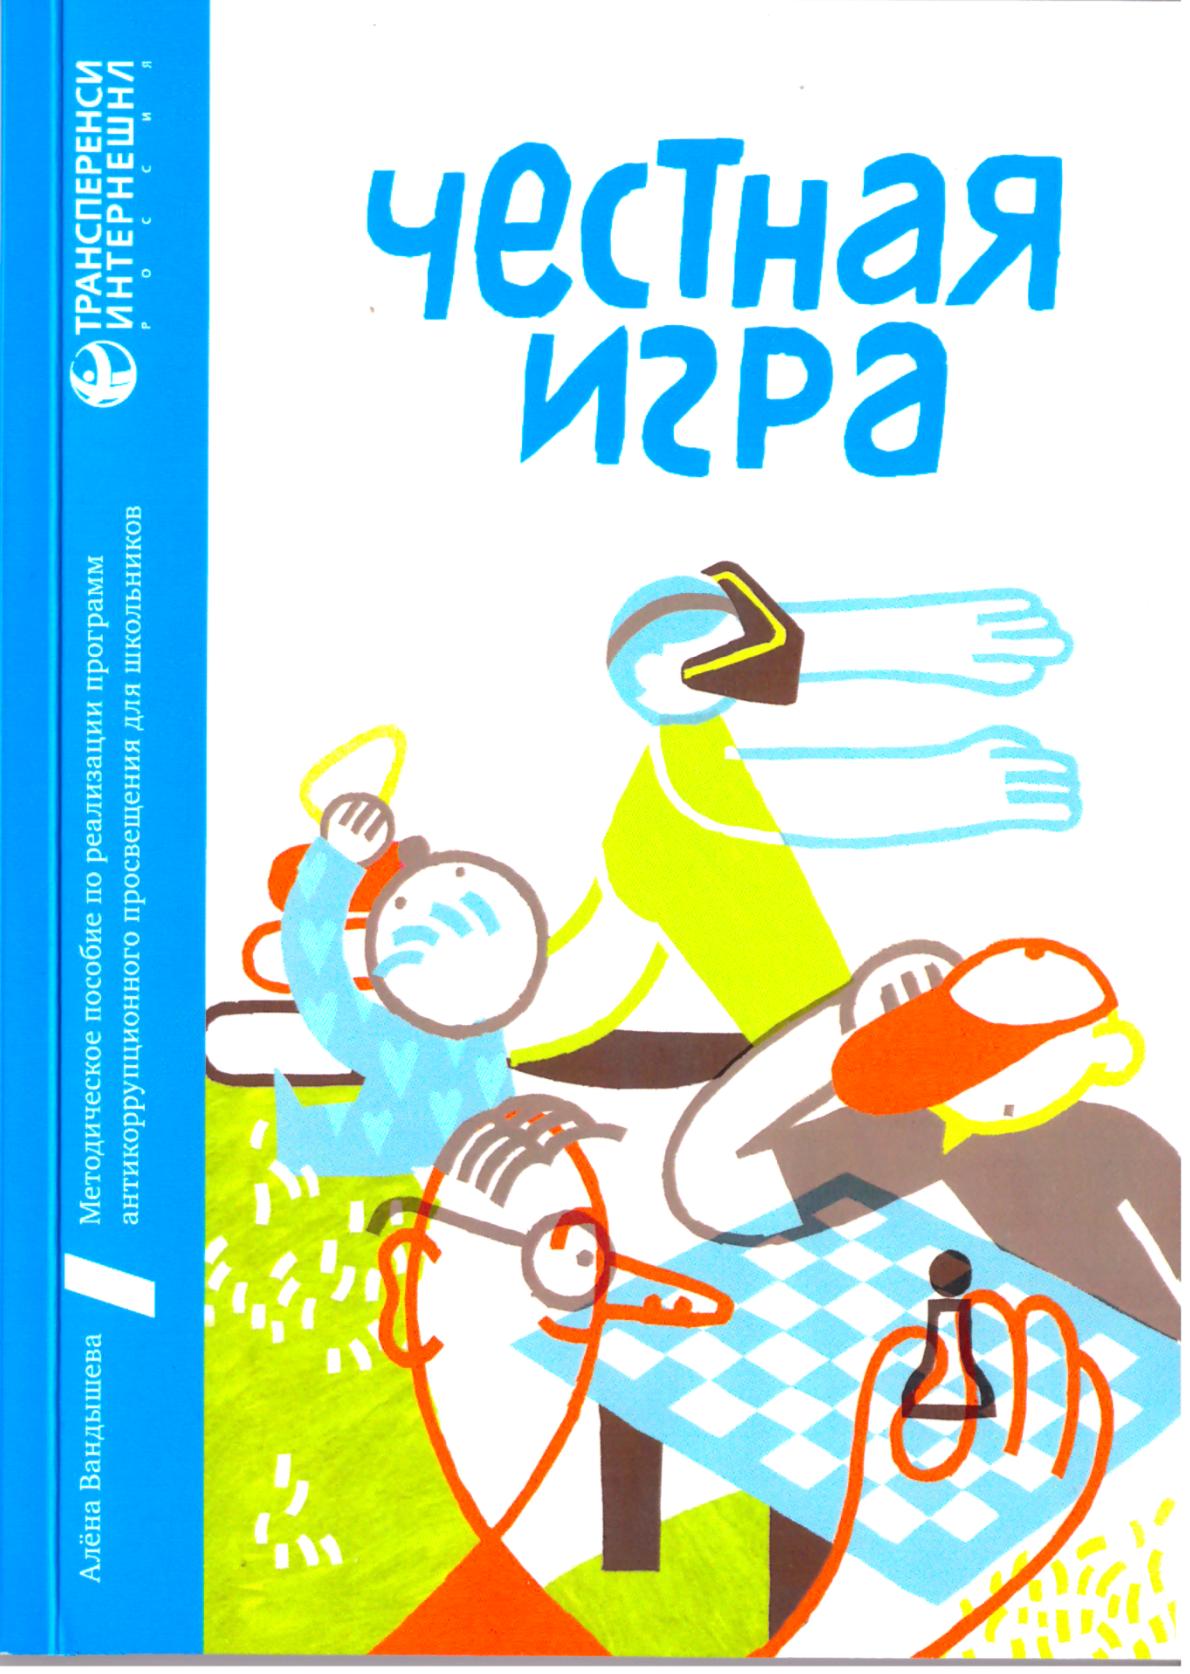 Честная игра: Методическое пособие по реализации программ антикоррупционного просвещения для школьников